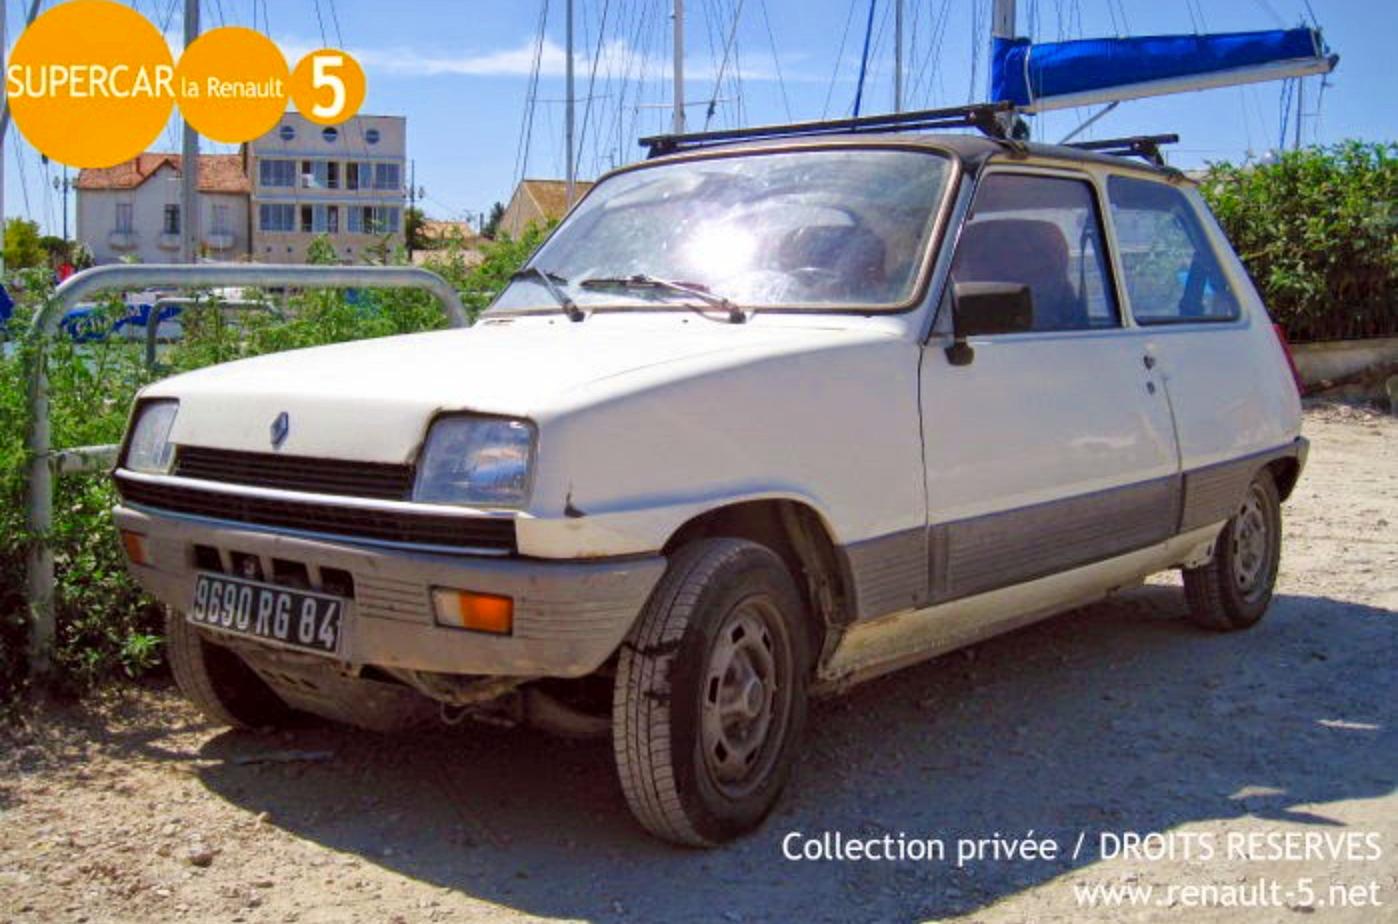 Donne Renault 5(1983) Automatique couleur blanche